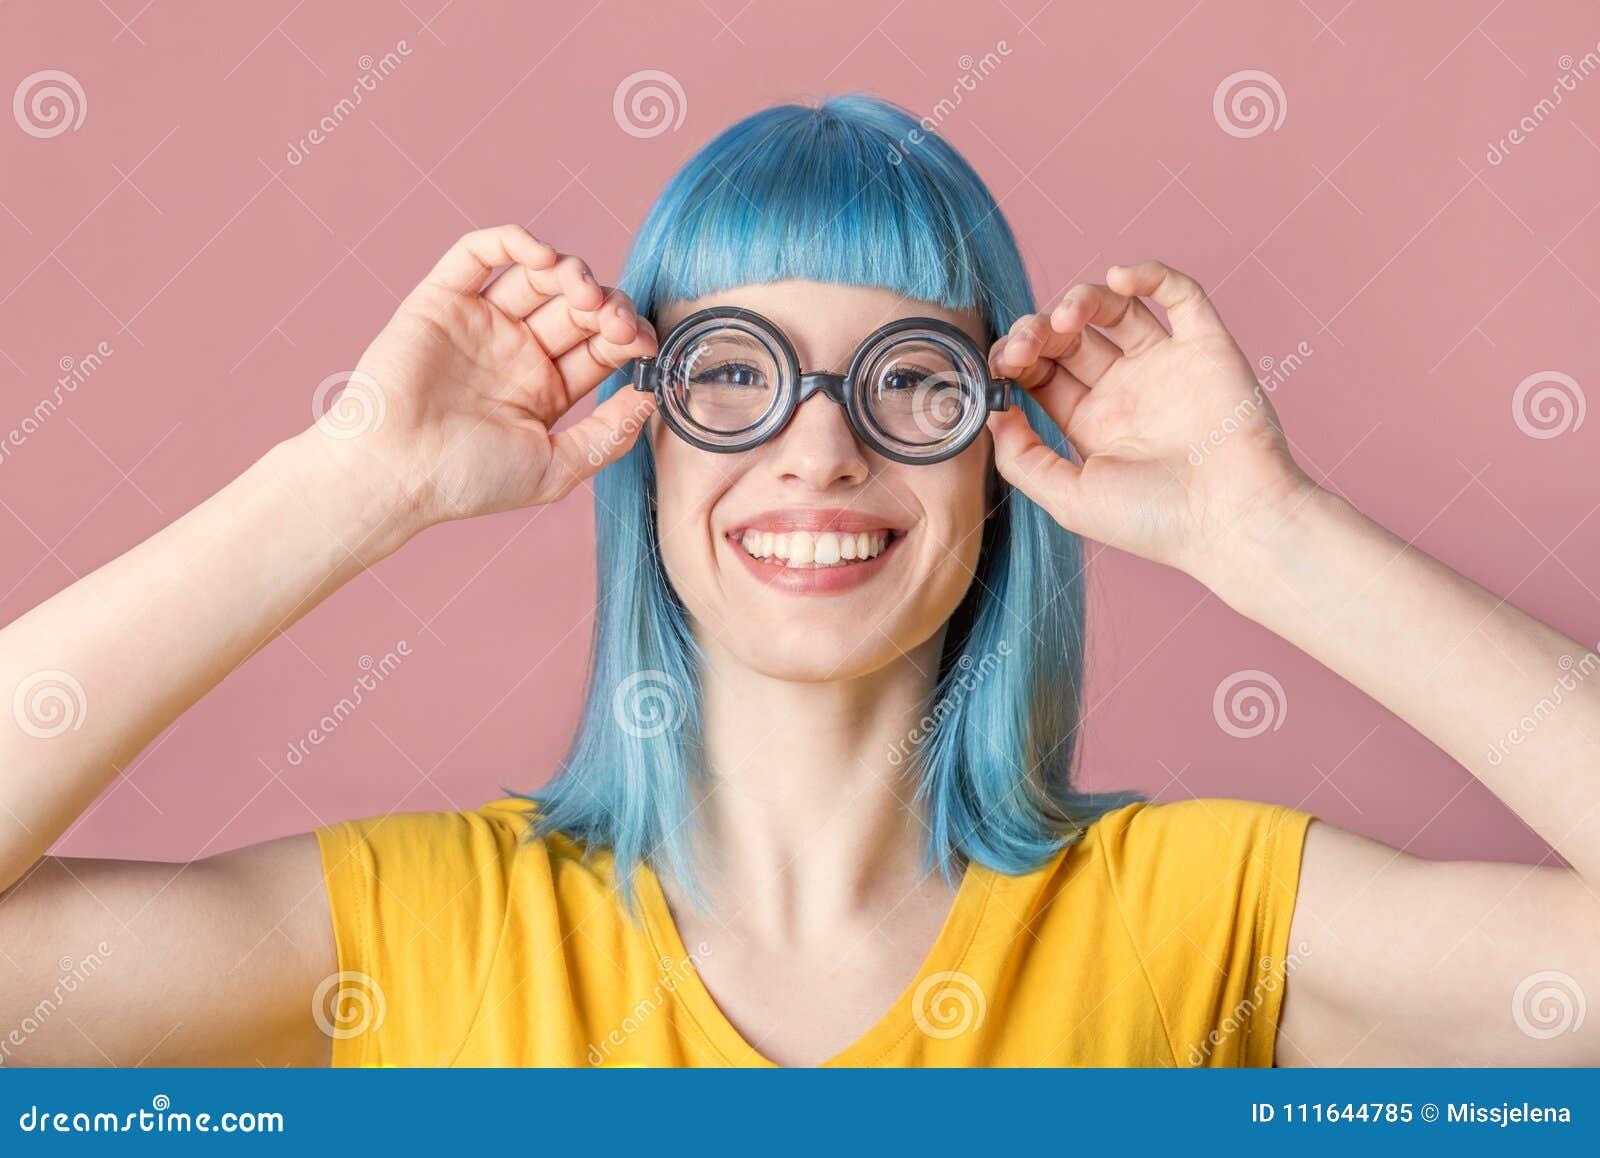 Młoda kobieta z śmiesznymi szkłami